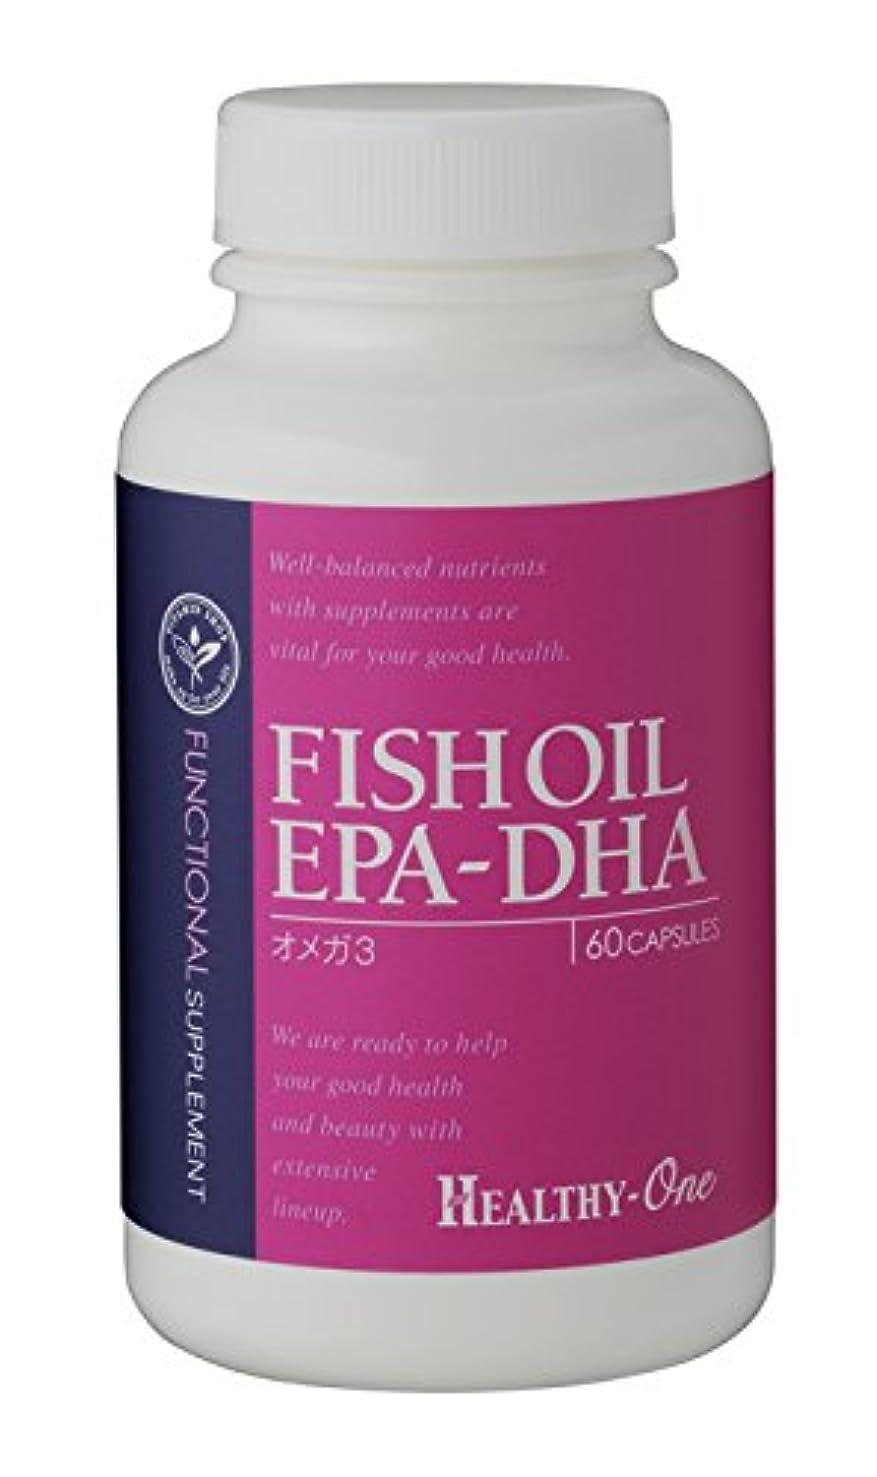 進行中賛辞サスティーンヘルシーワン フィッシュオイル EPA-DHA 60カプセル